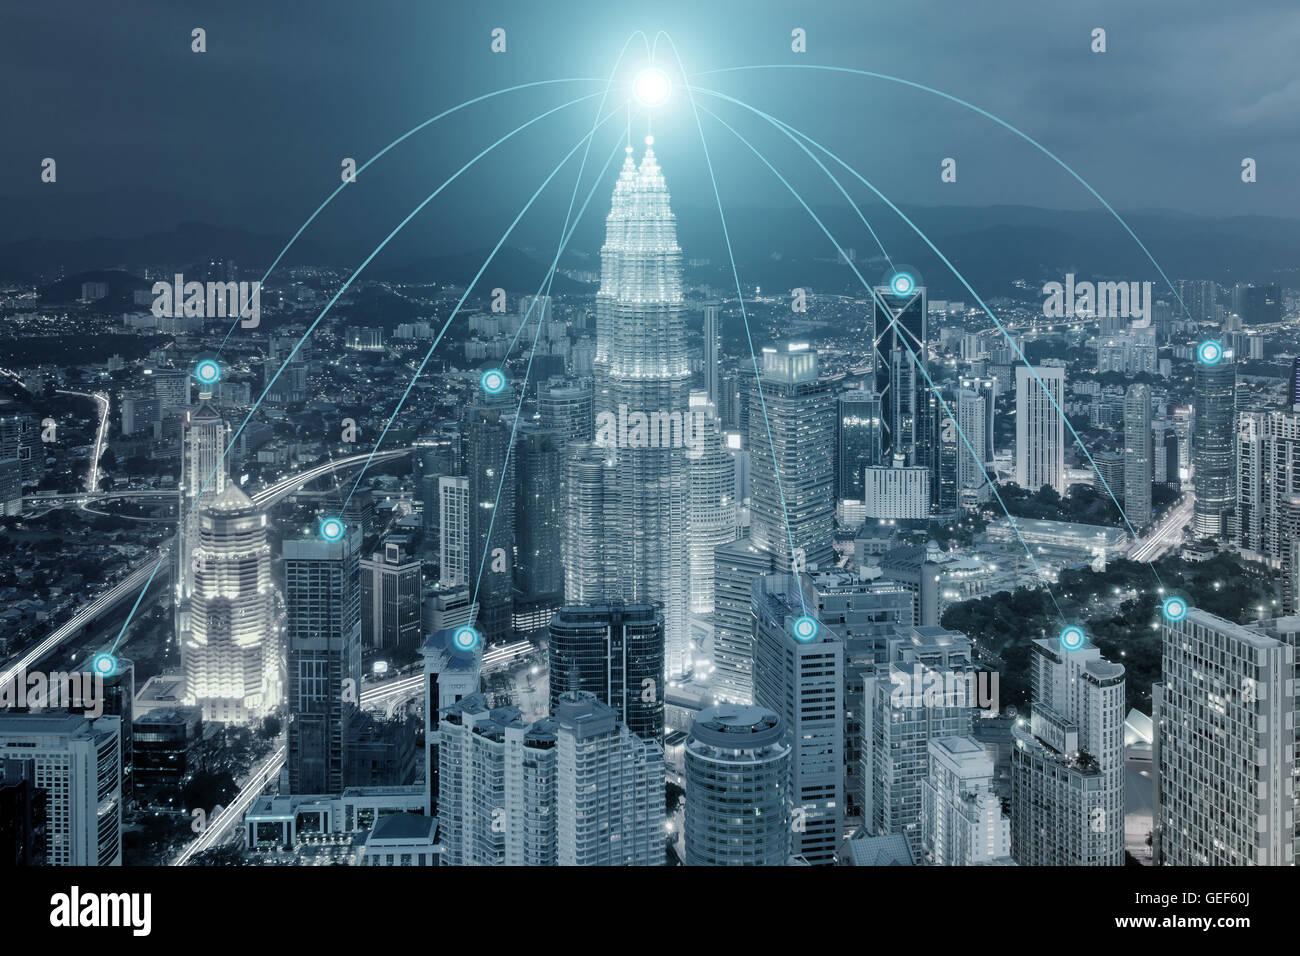 Stadtbild und Netzwerk Verbindung Verwendung für globales Netzwerk Verbindung Partnerschaftskonzept. Stockbild